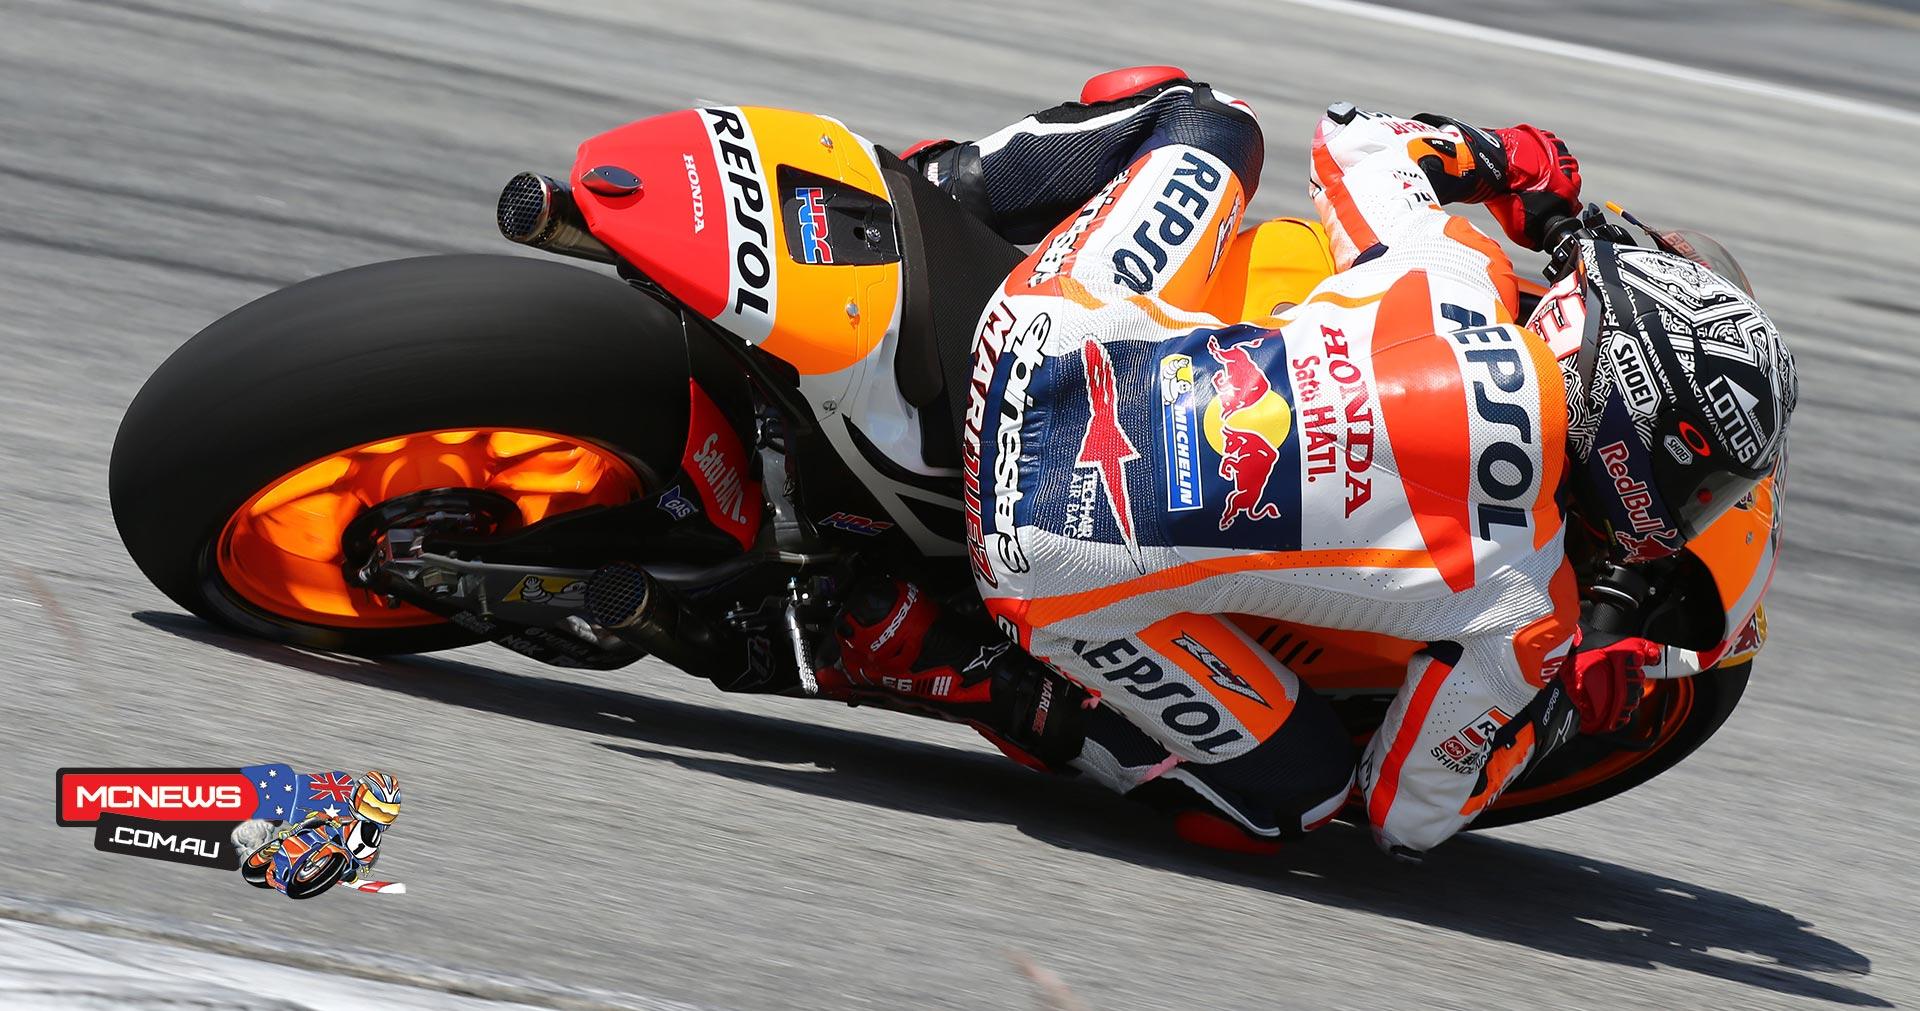 Marc Marquez - 2016 Sepang MotoGP Test - Image by AJRN